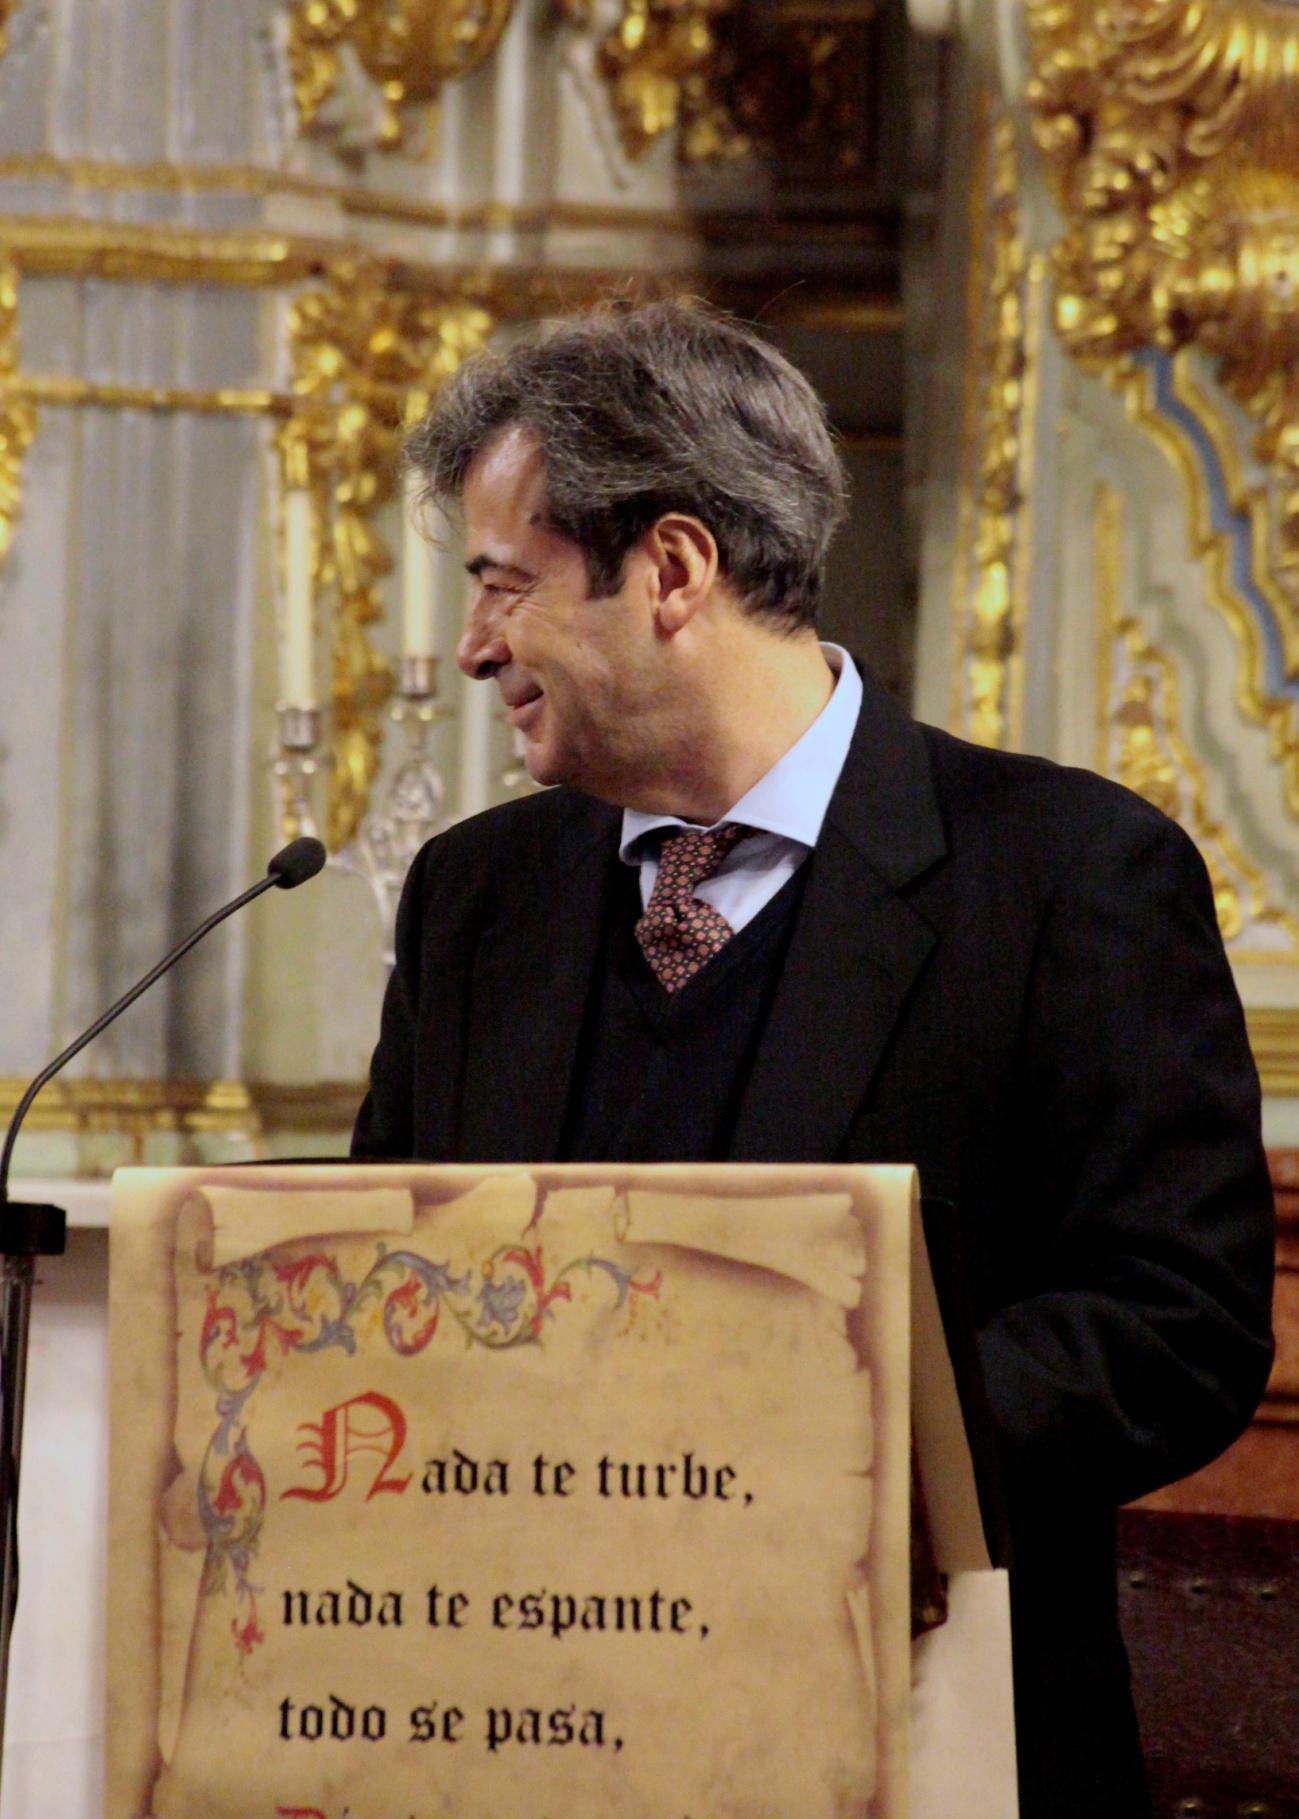 Nicolás Ramos